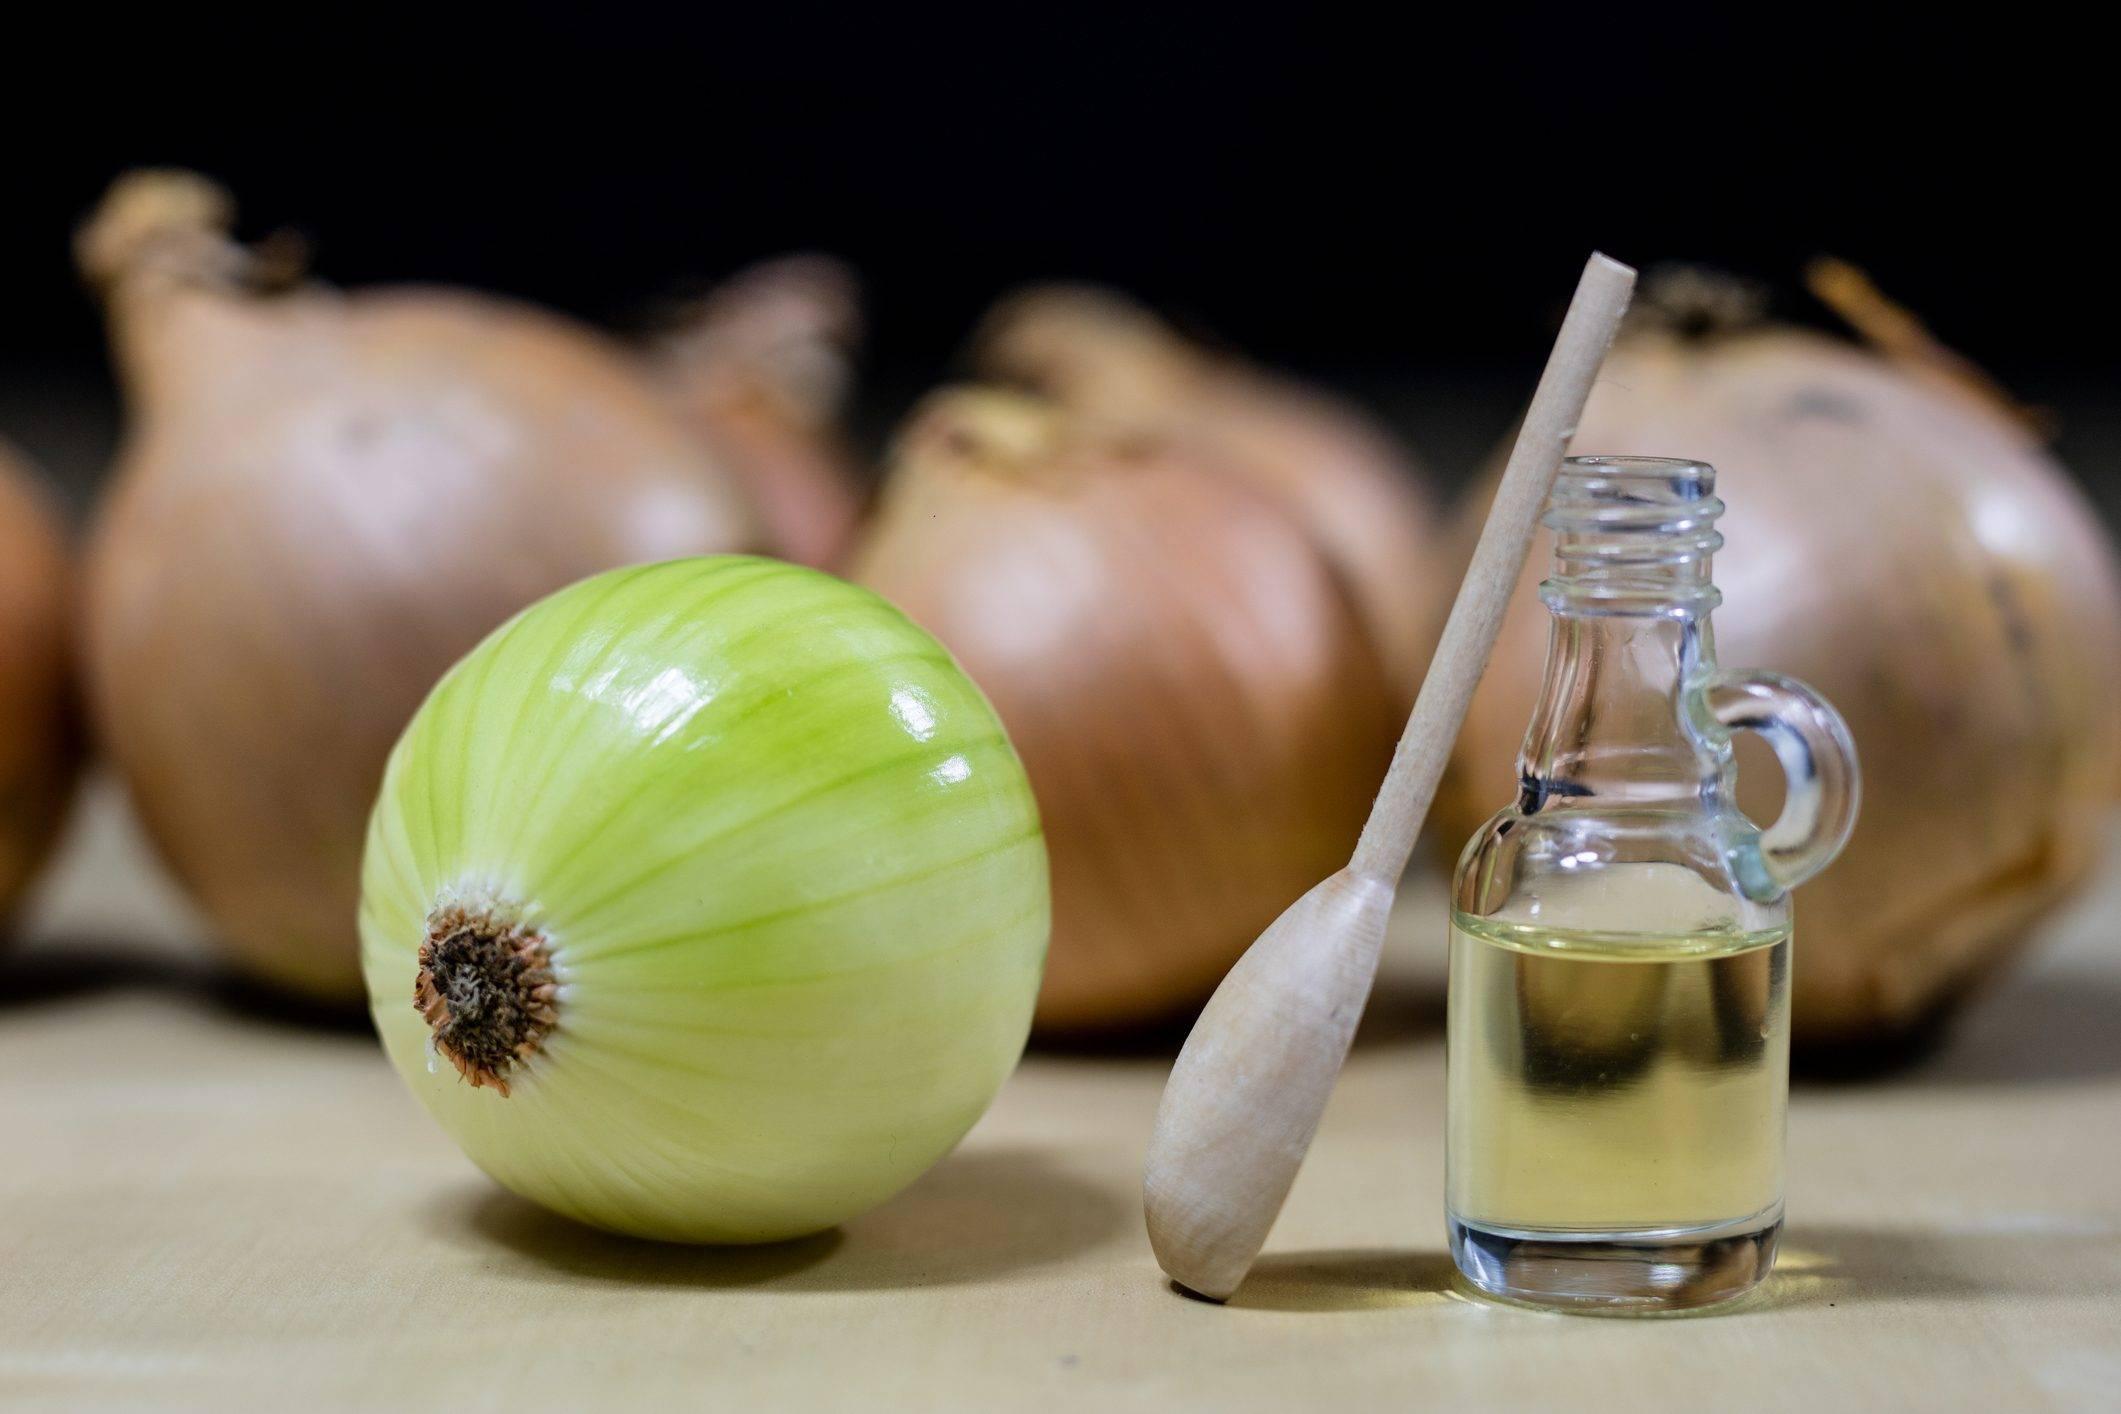 Как убрать неприятный запах изо рта: перечень лучших народных и аптечных средств